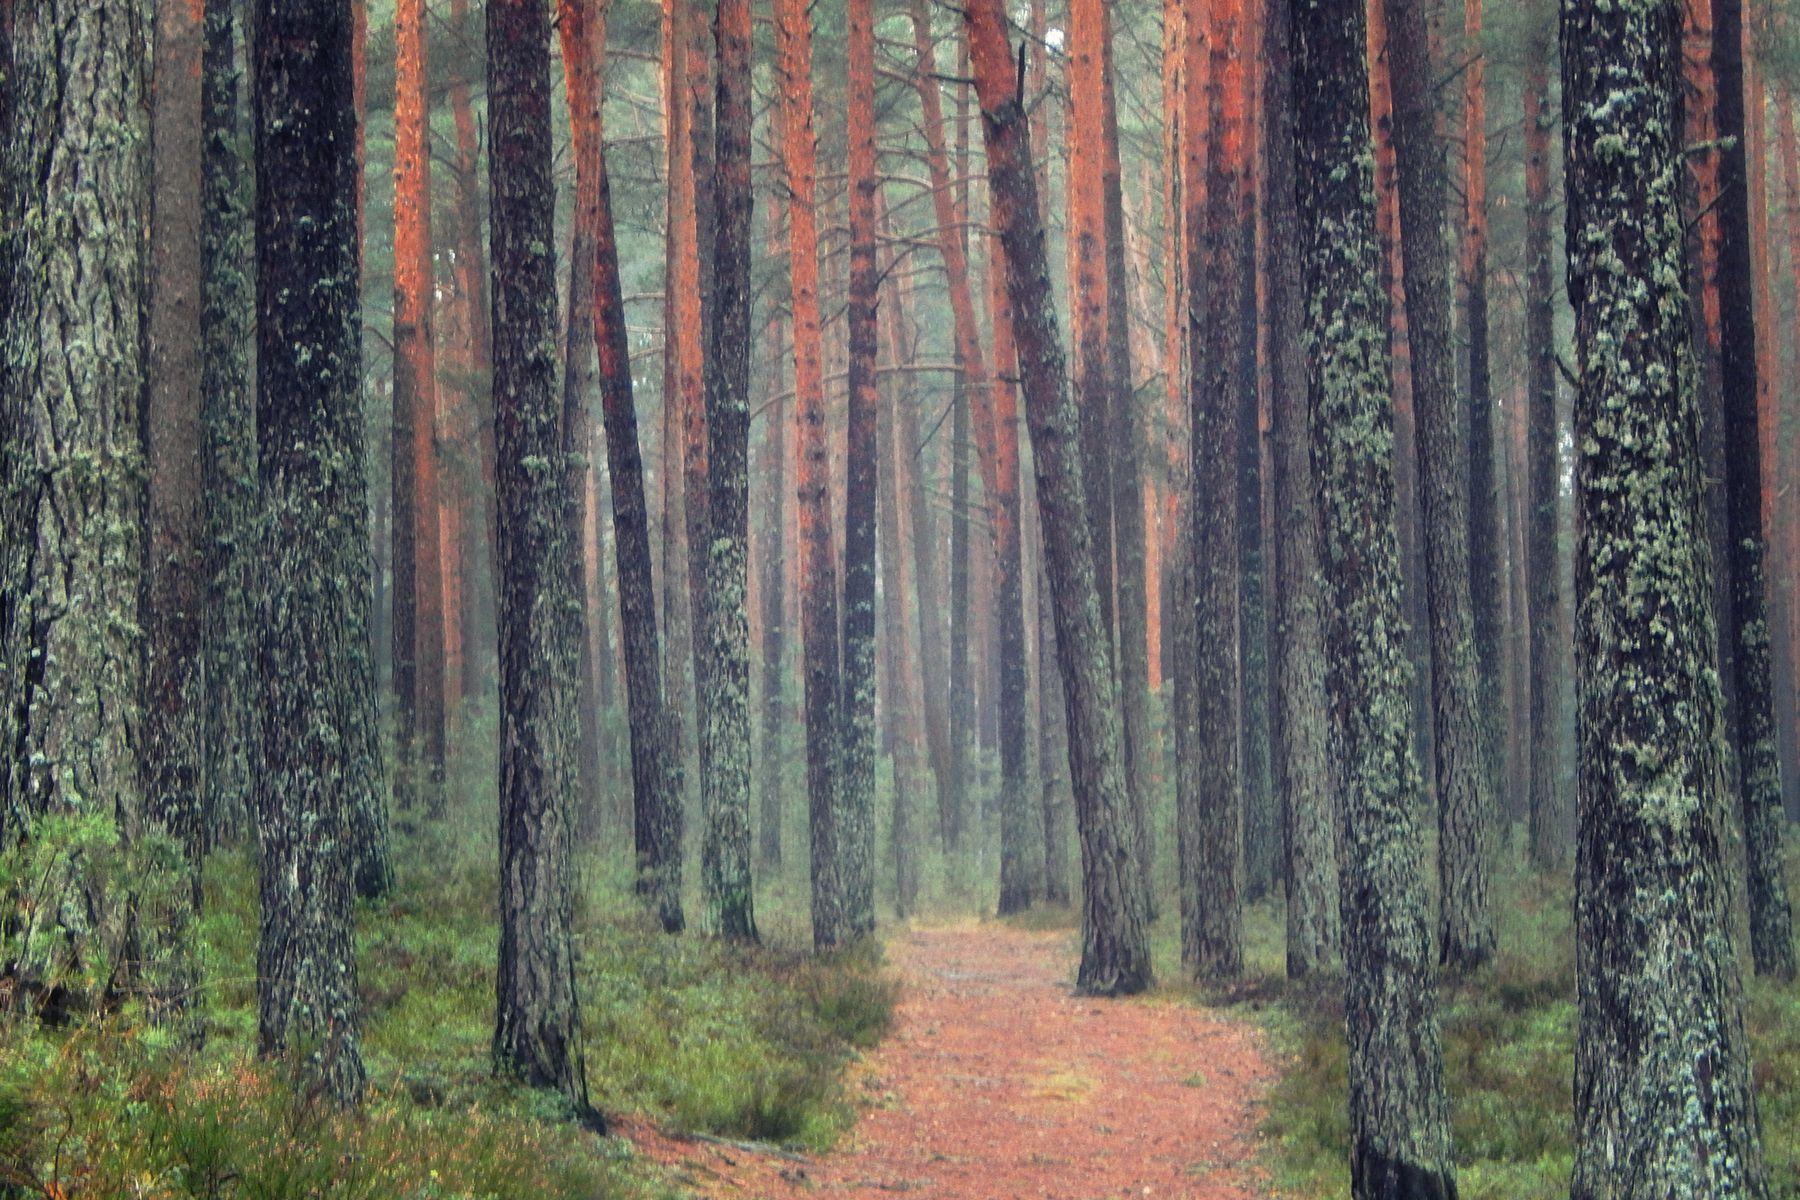 * лес деревья пейзаж природа лето день красиво eVm